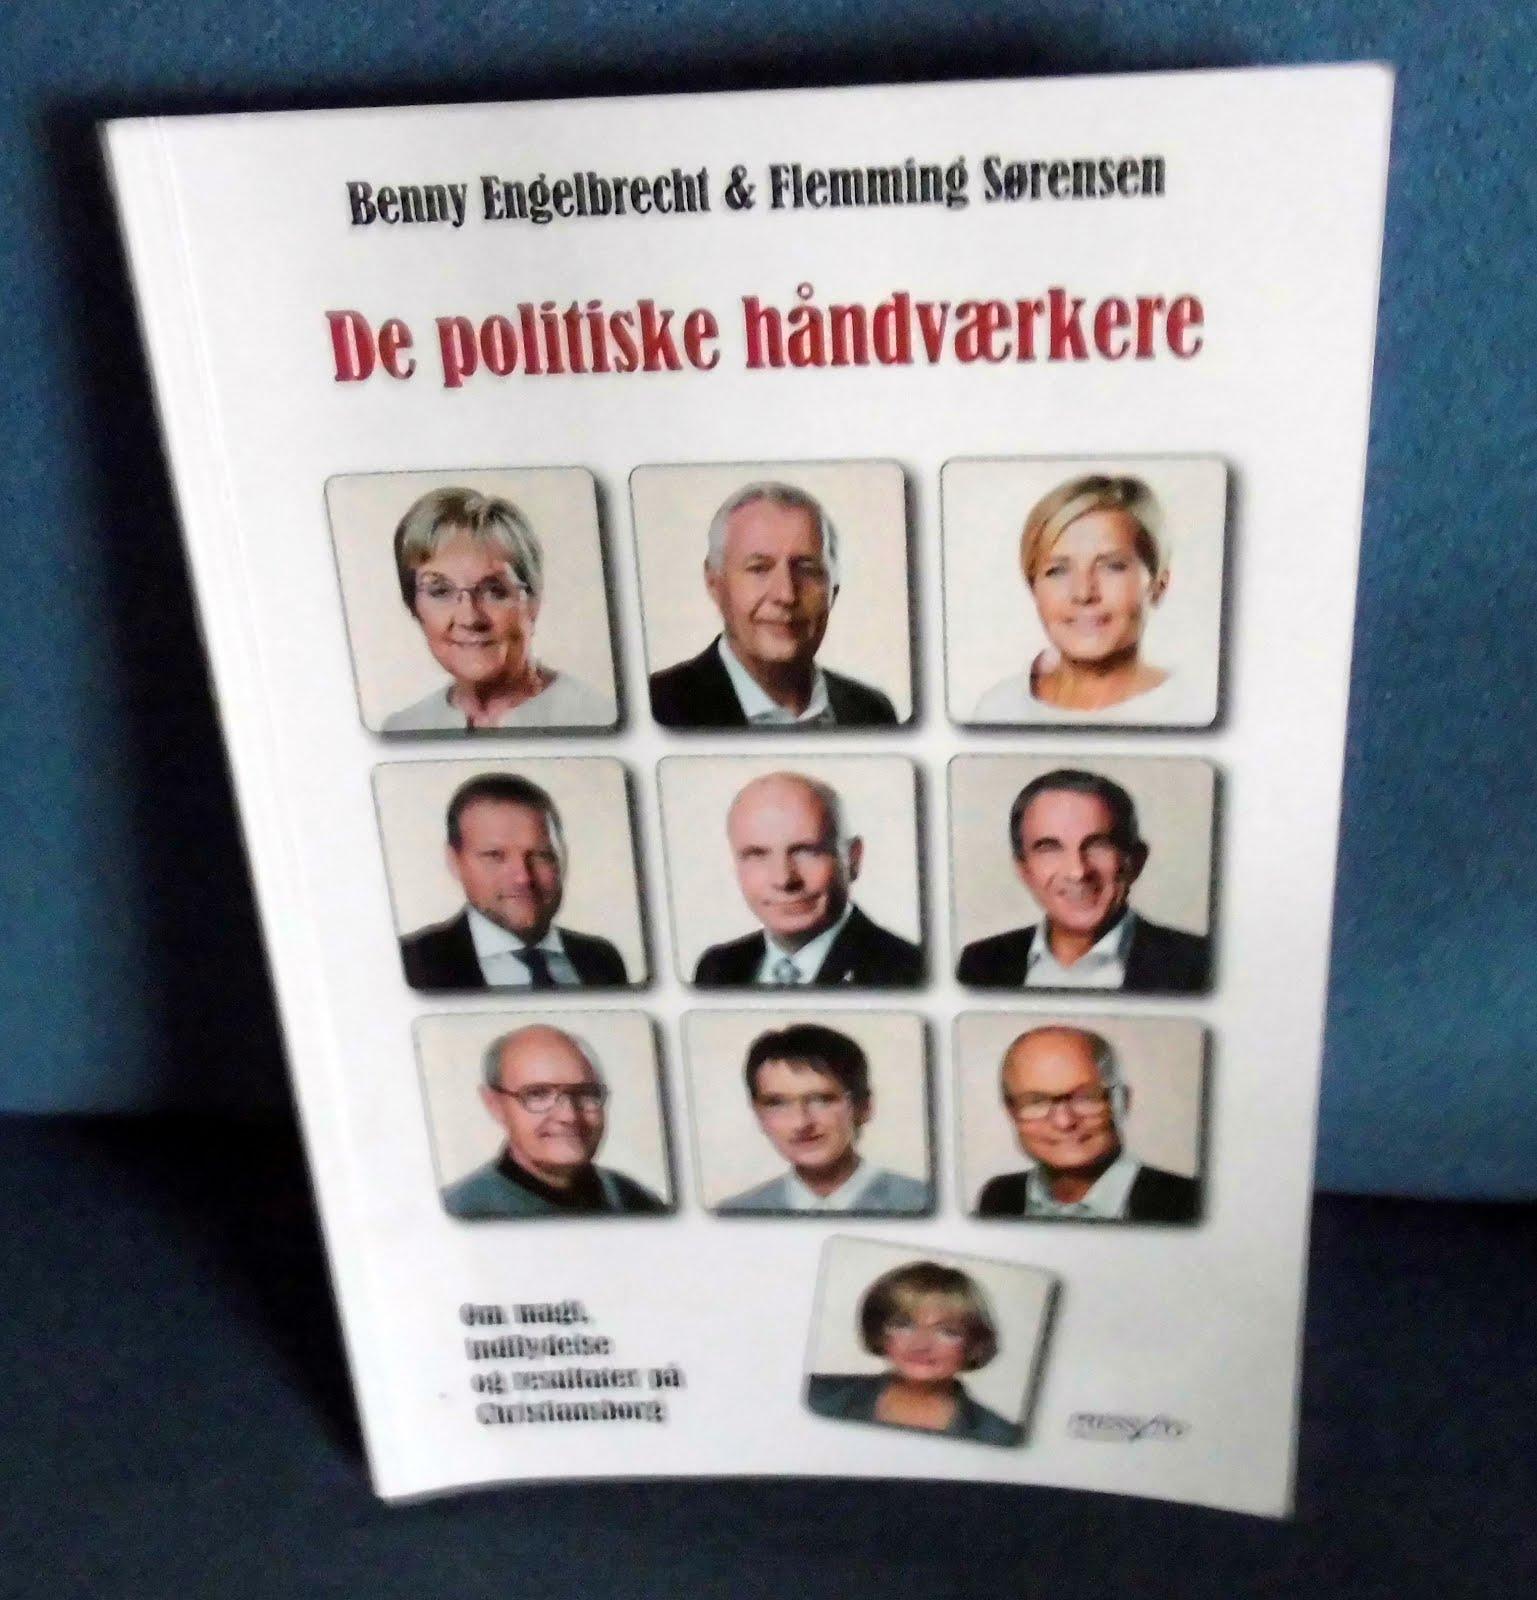 Bennys  og Flemmings  nye bog de politiske håndværkere.